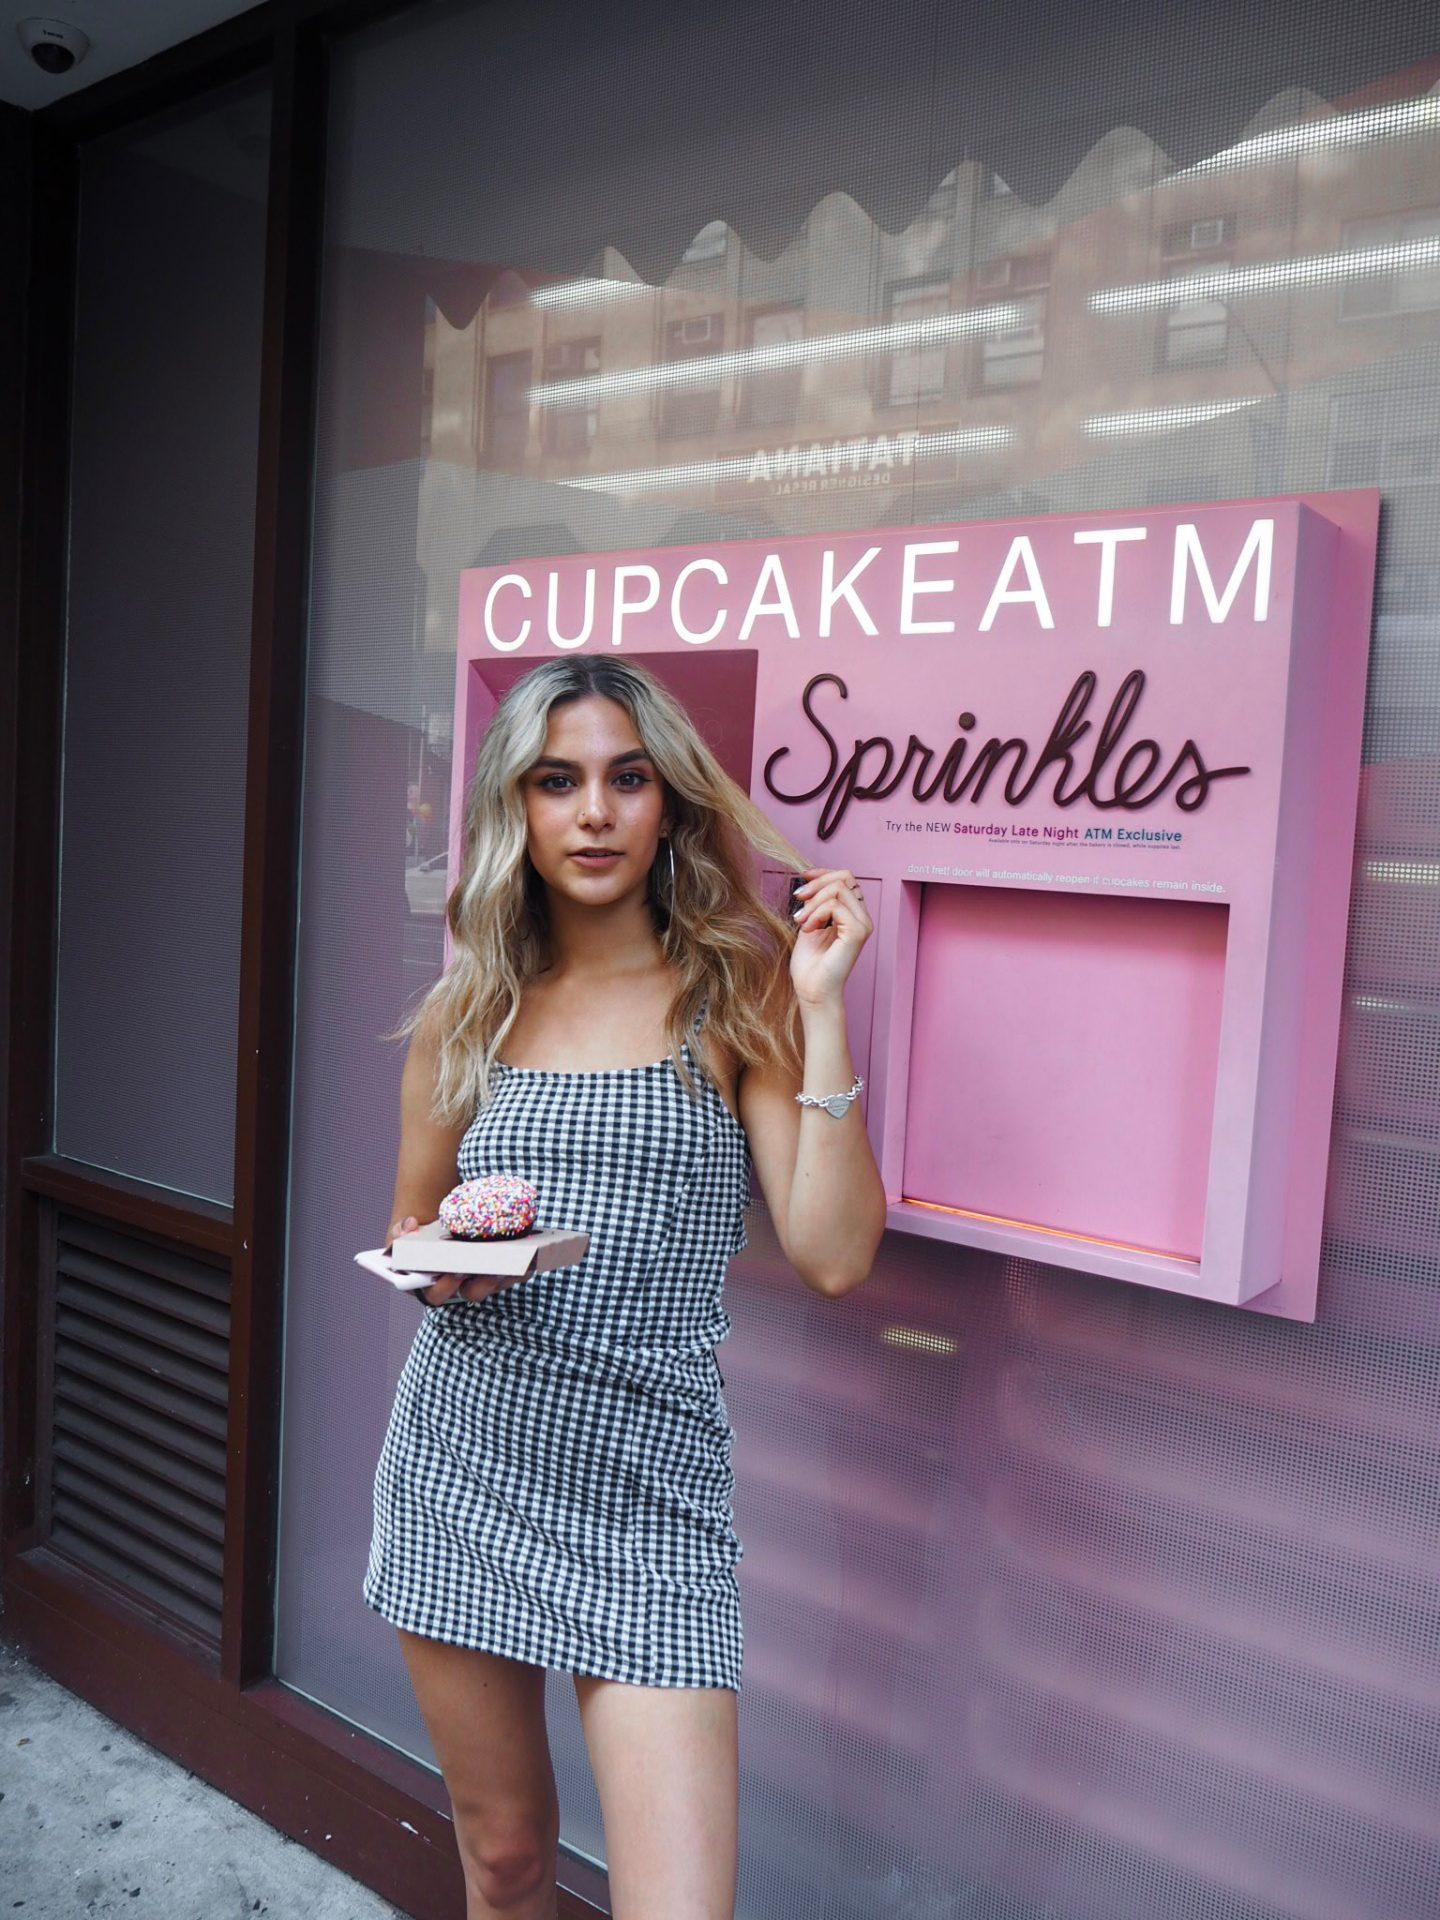 yasmin stefanie topshop gingham slip dress sprinkles cupcakes atm